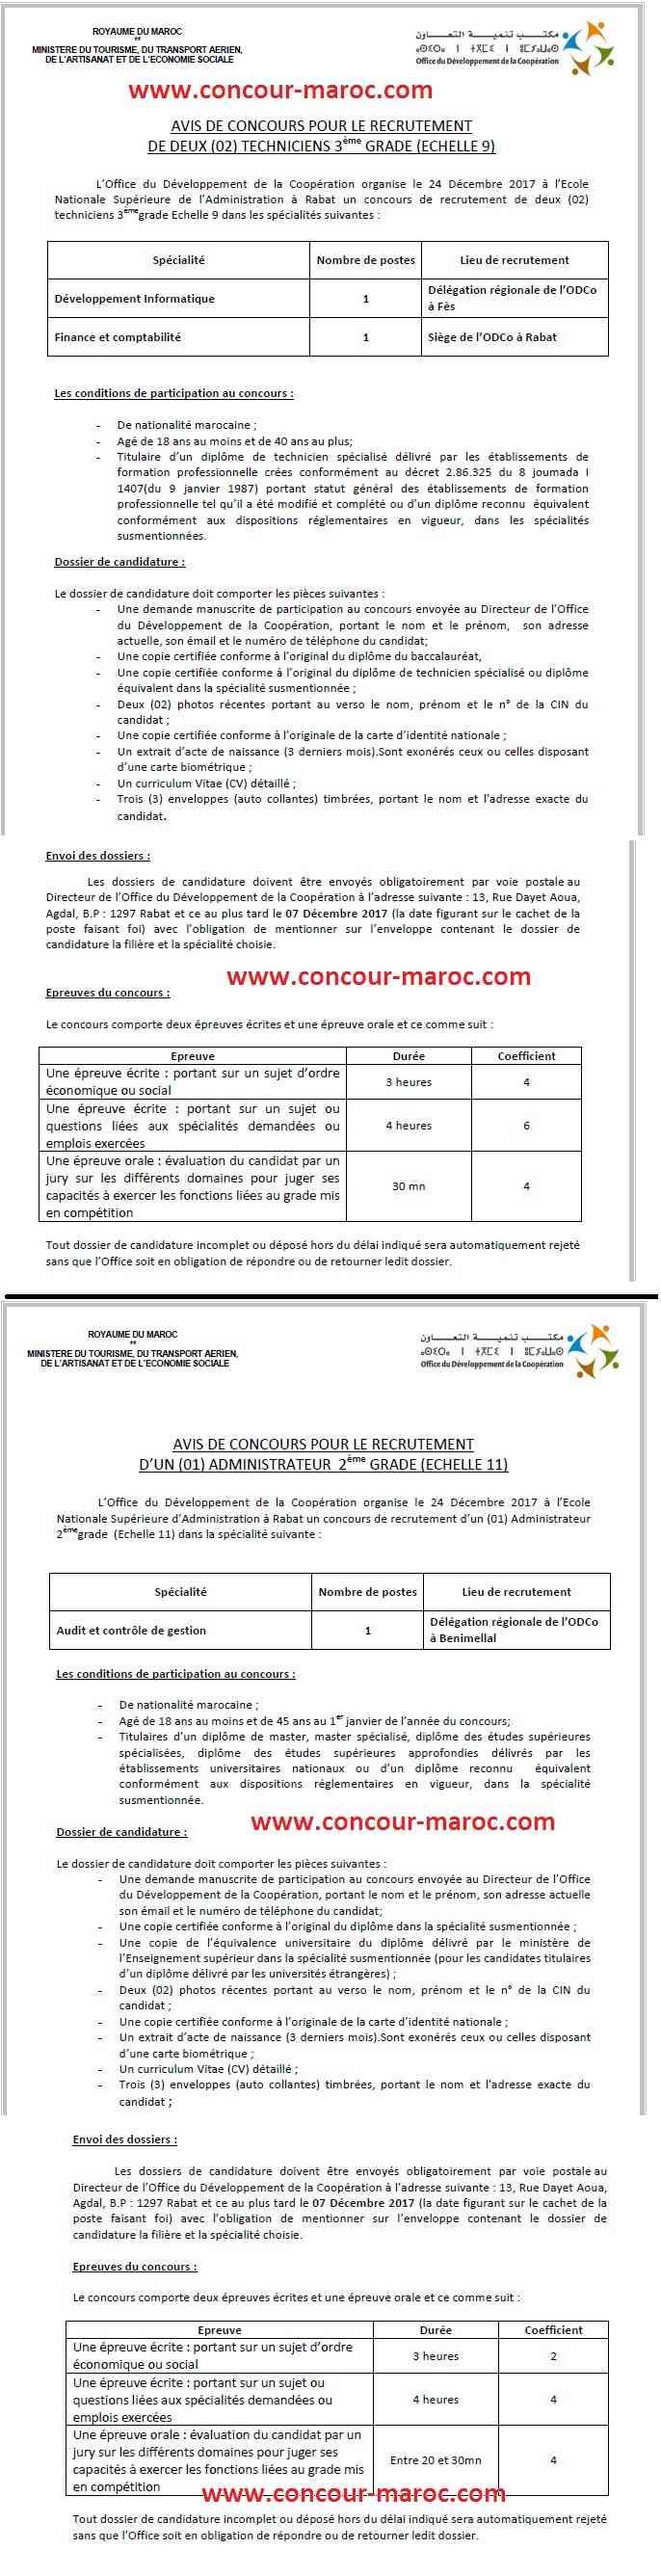 مكتب تنمية التعاون : مباراة لتوظيف 02 تقني من الدرجة الثالثة و متصرف من الدرجة الثانية آخر أجل 7 دجنبر 2017 Concou60